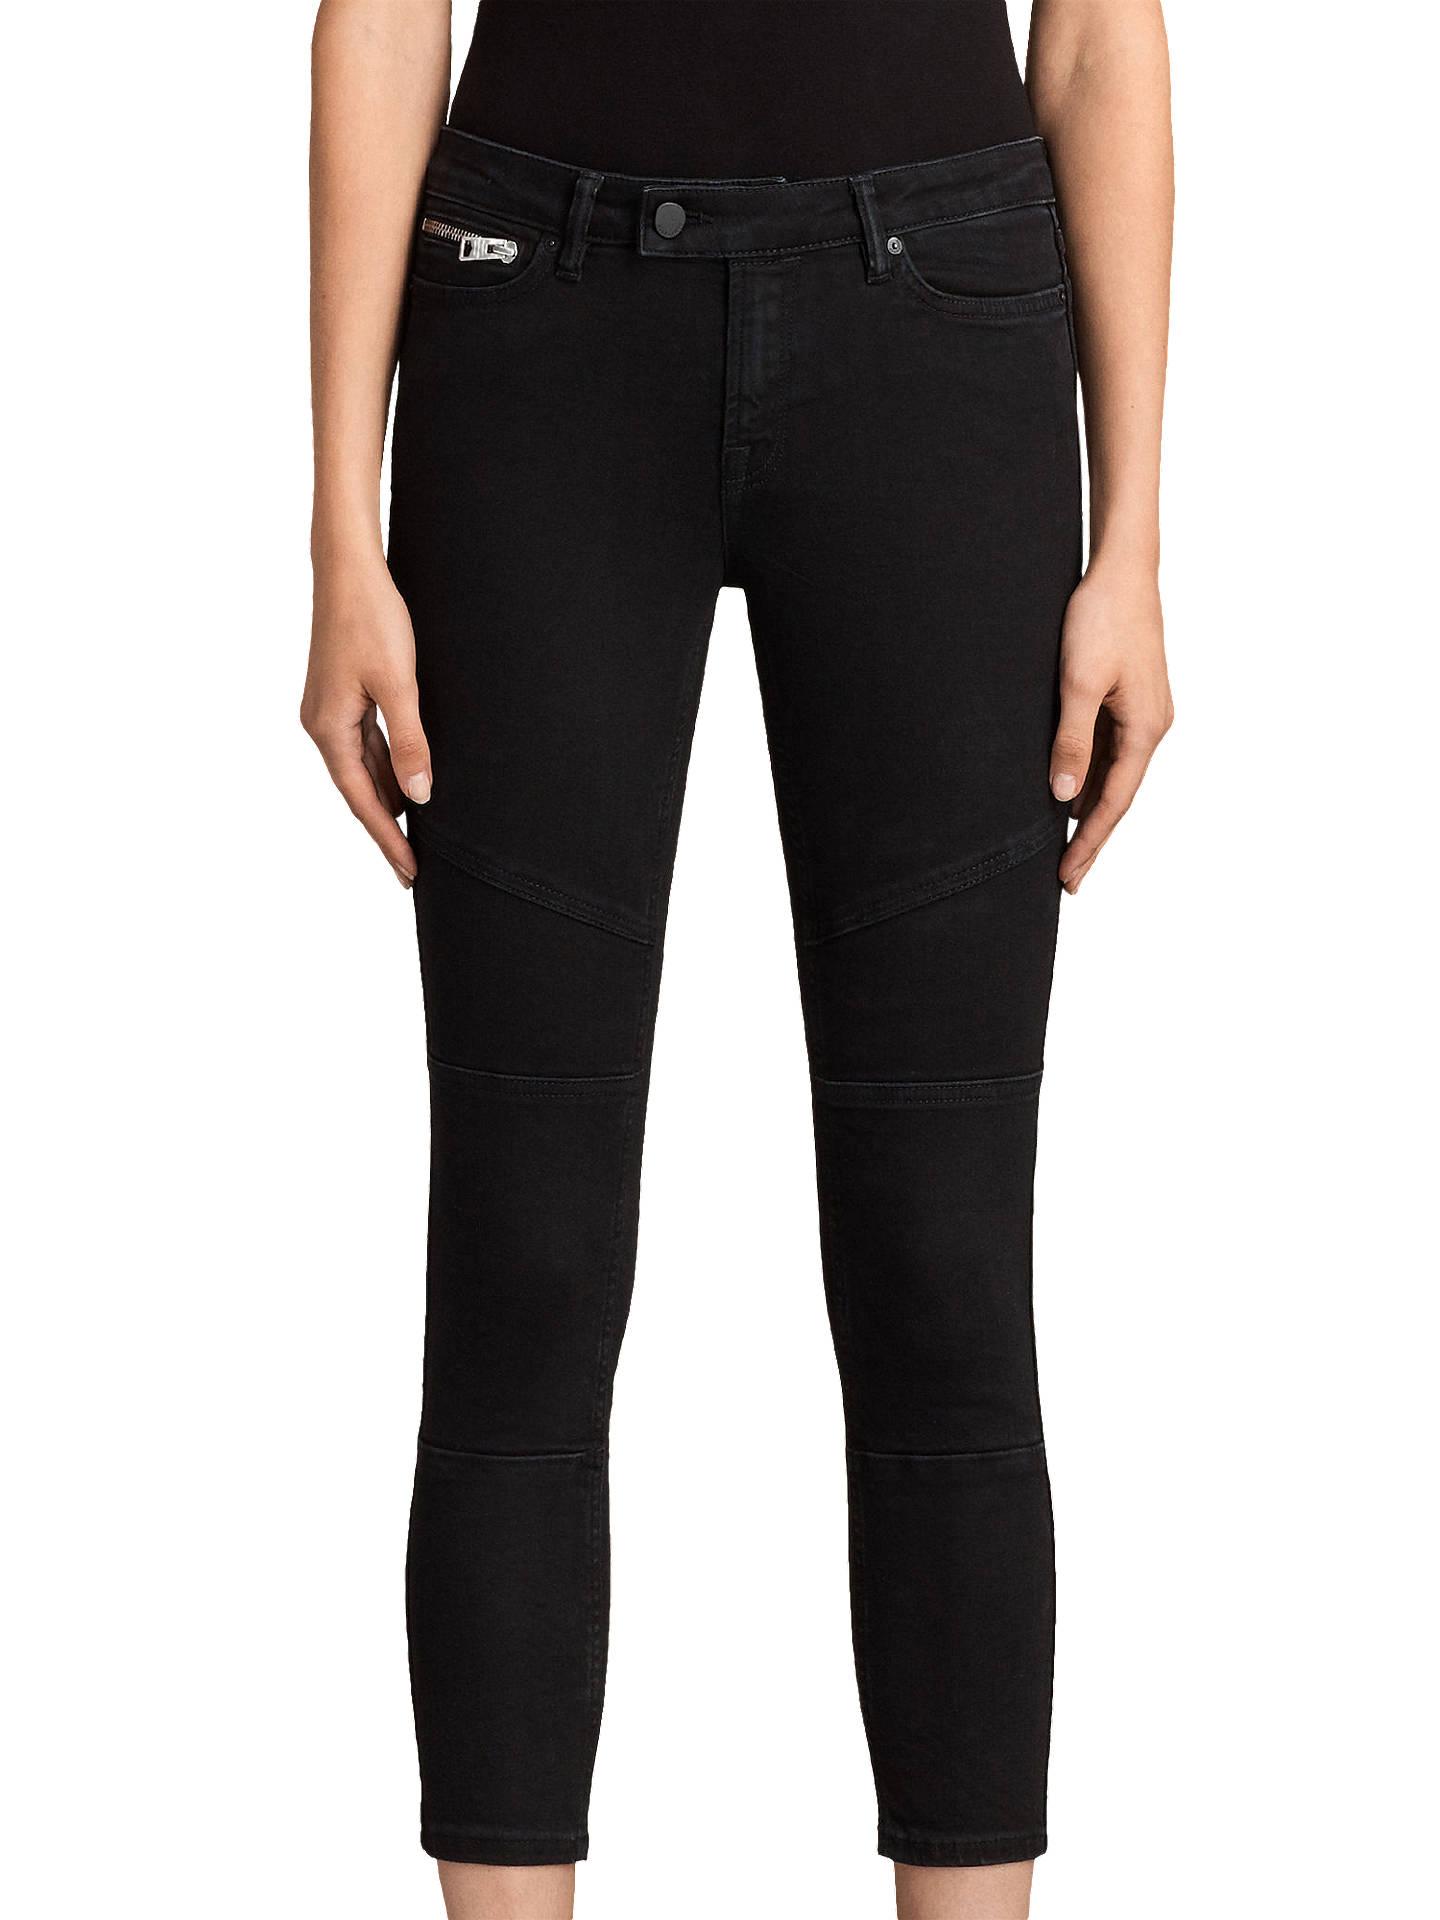 BuyAllSaints Biker Cropped Jeans 7196d3b49